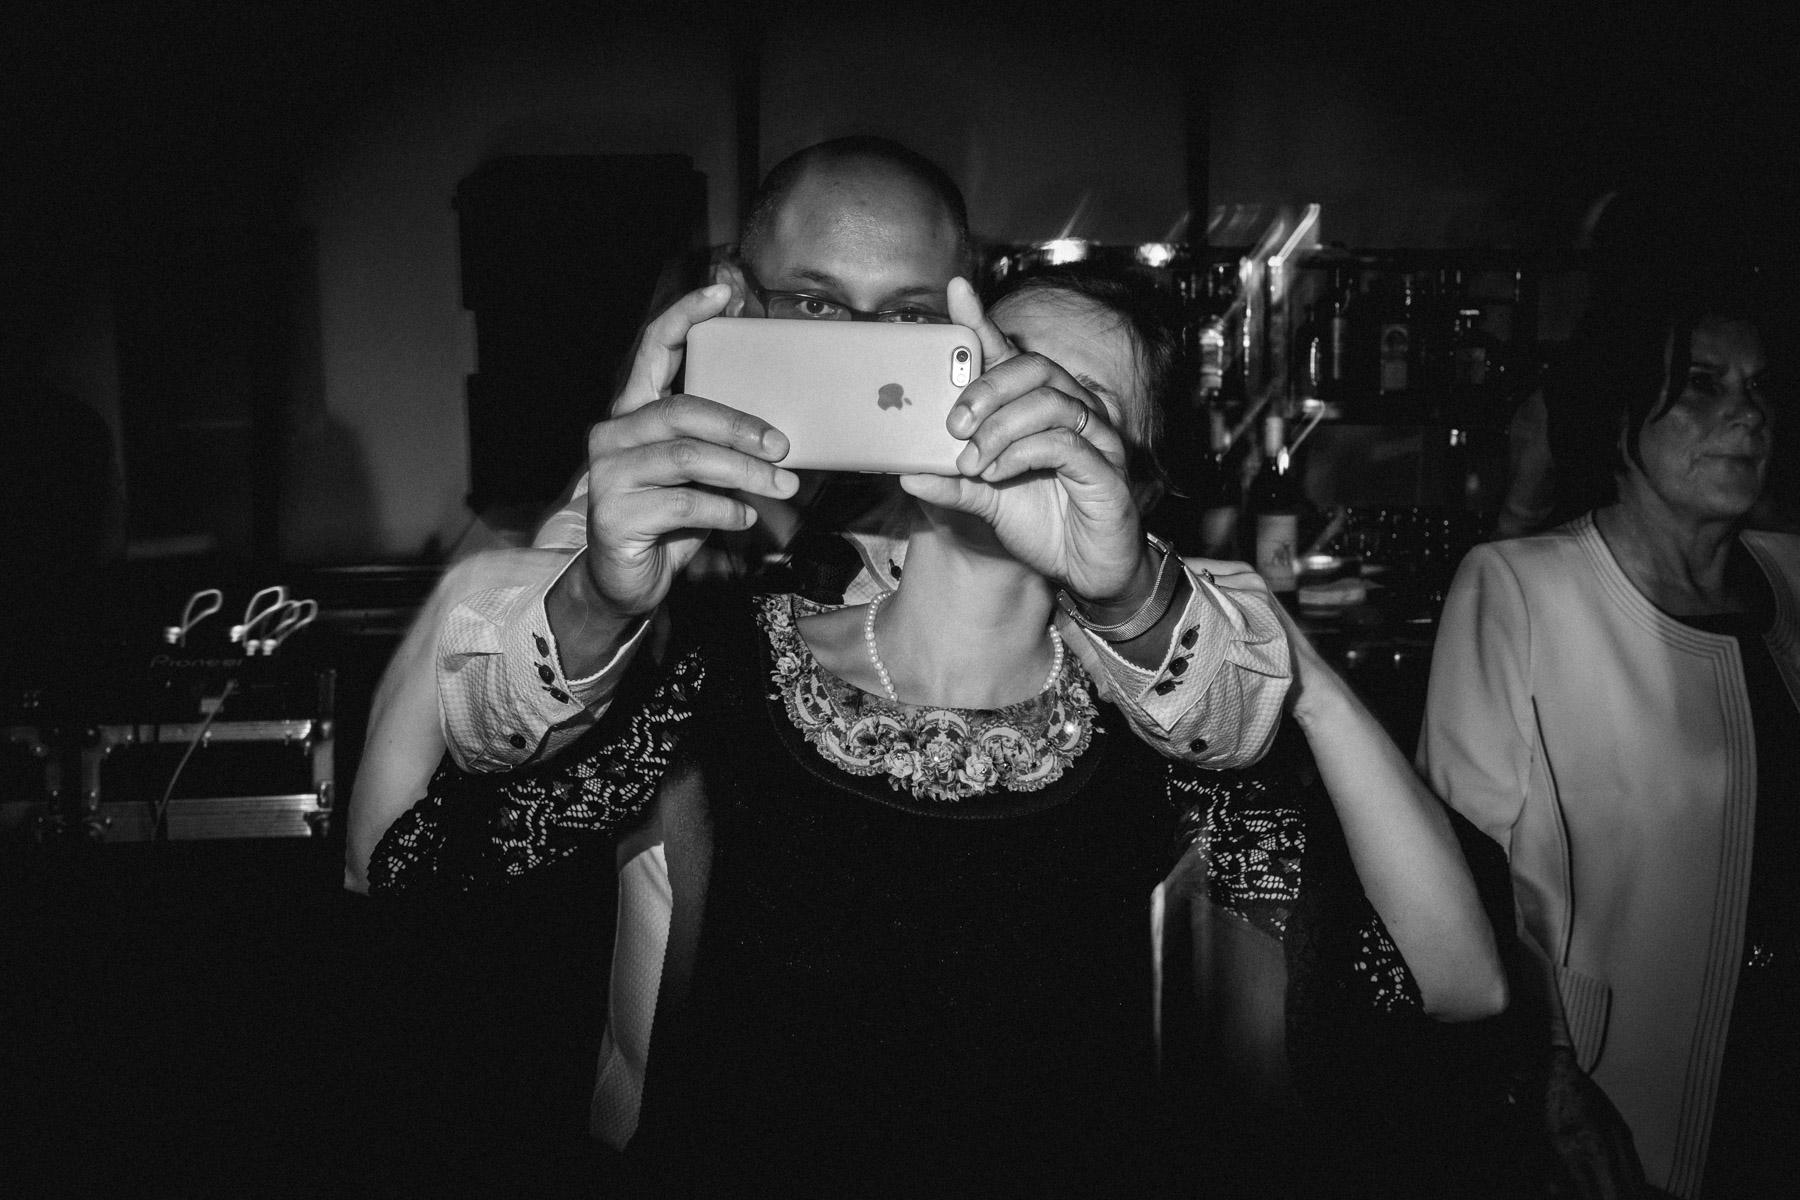 MartinLiebl_Kein_Hochzeitsfotograf_No_Wedding_Photographer_Budapest_Gresham_Palace_092.jpg